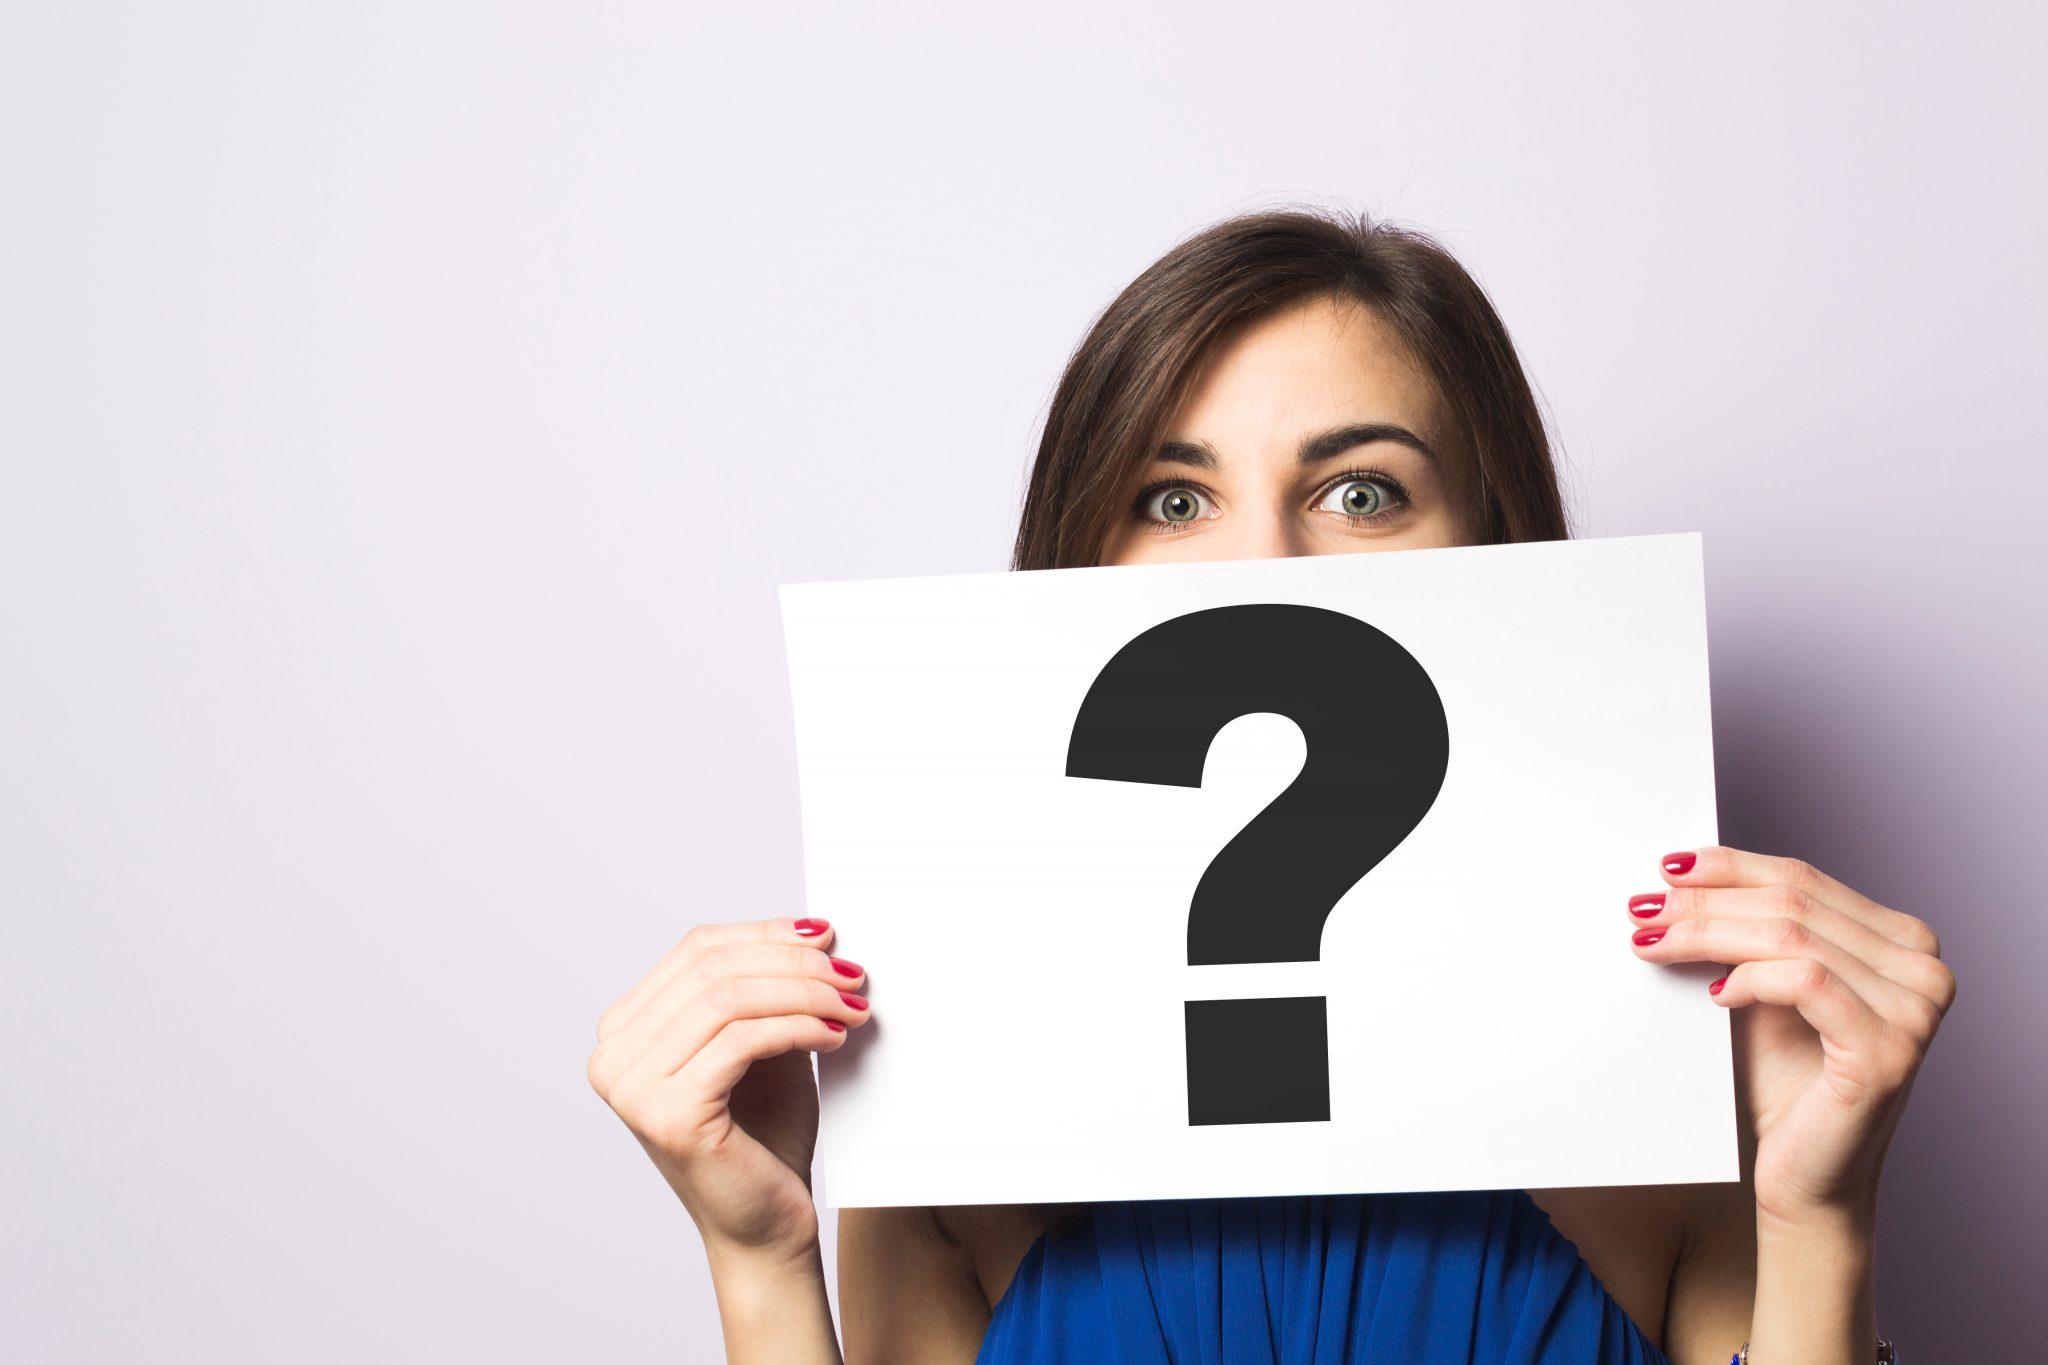 Gute fragen um jemanden besser kennenlernen